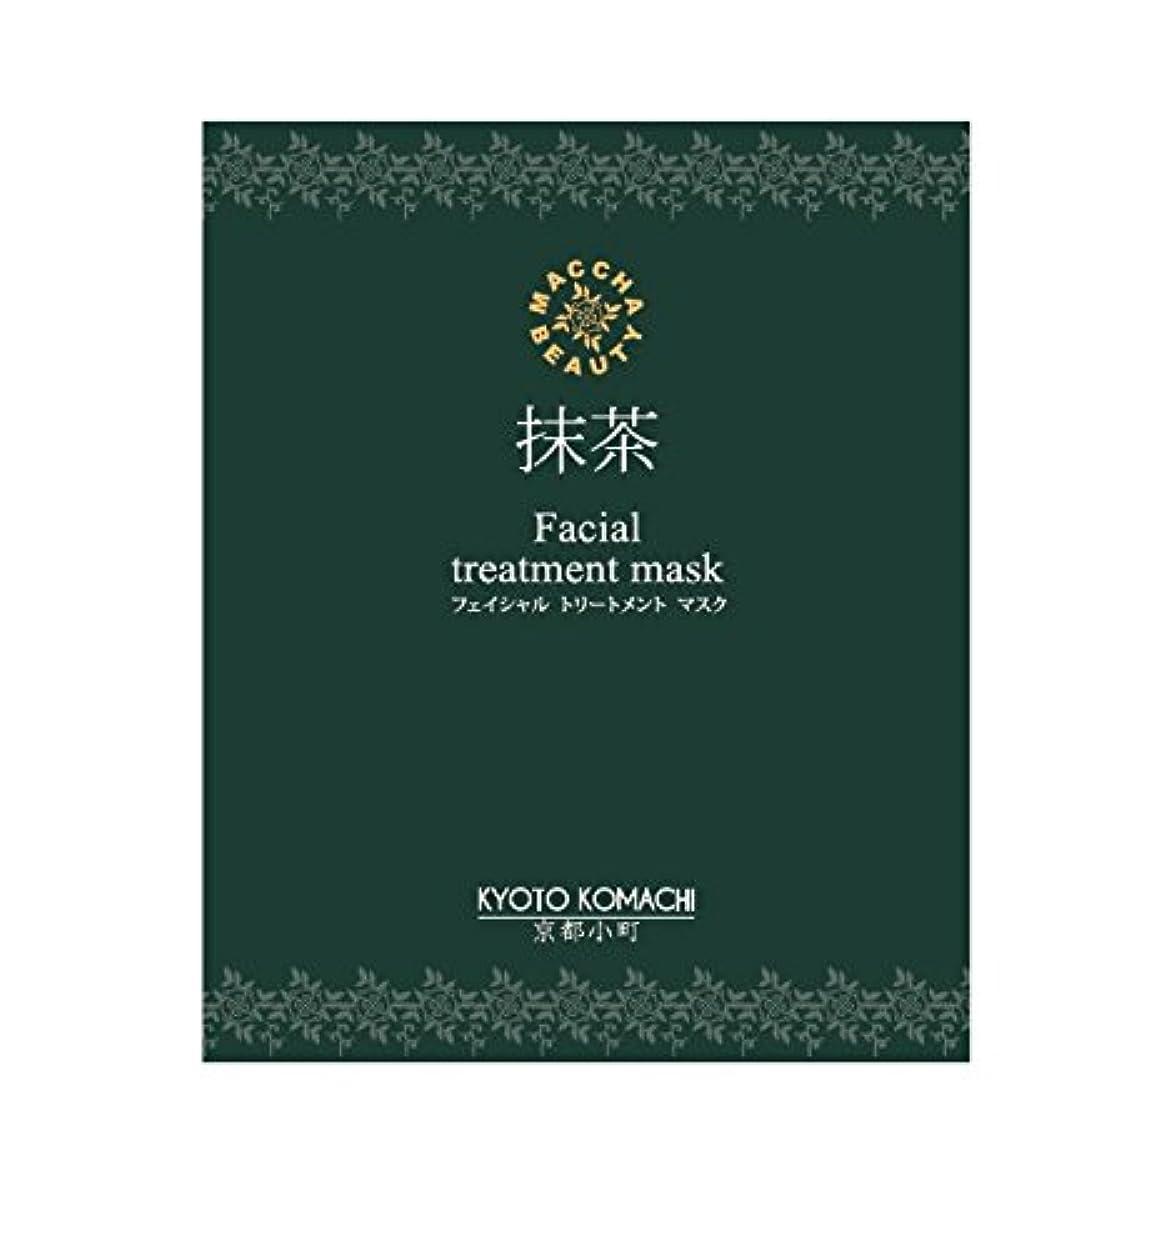 より良いパテの京都小町<抹茶美人>マチャビューティー フェイシャル トリートメント マスク 25g×30枚(+無料5枚)